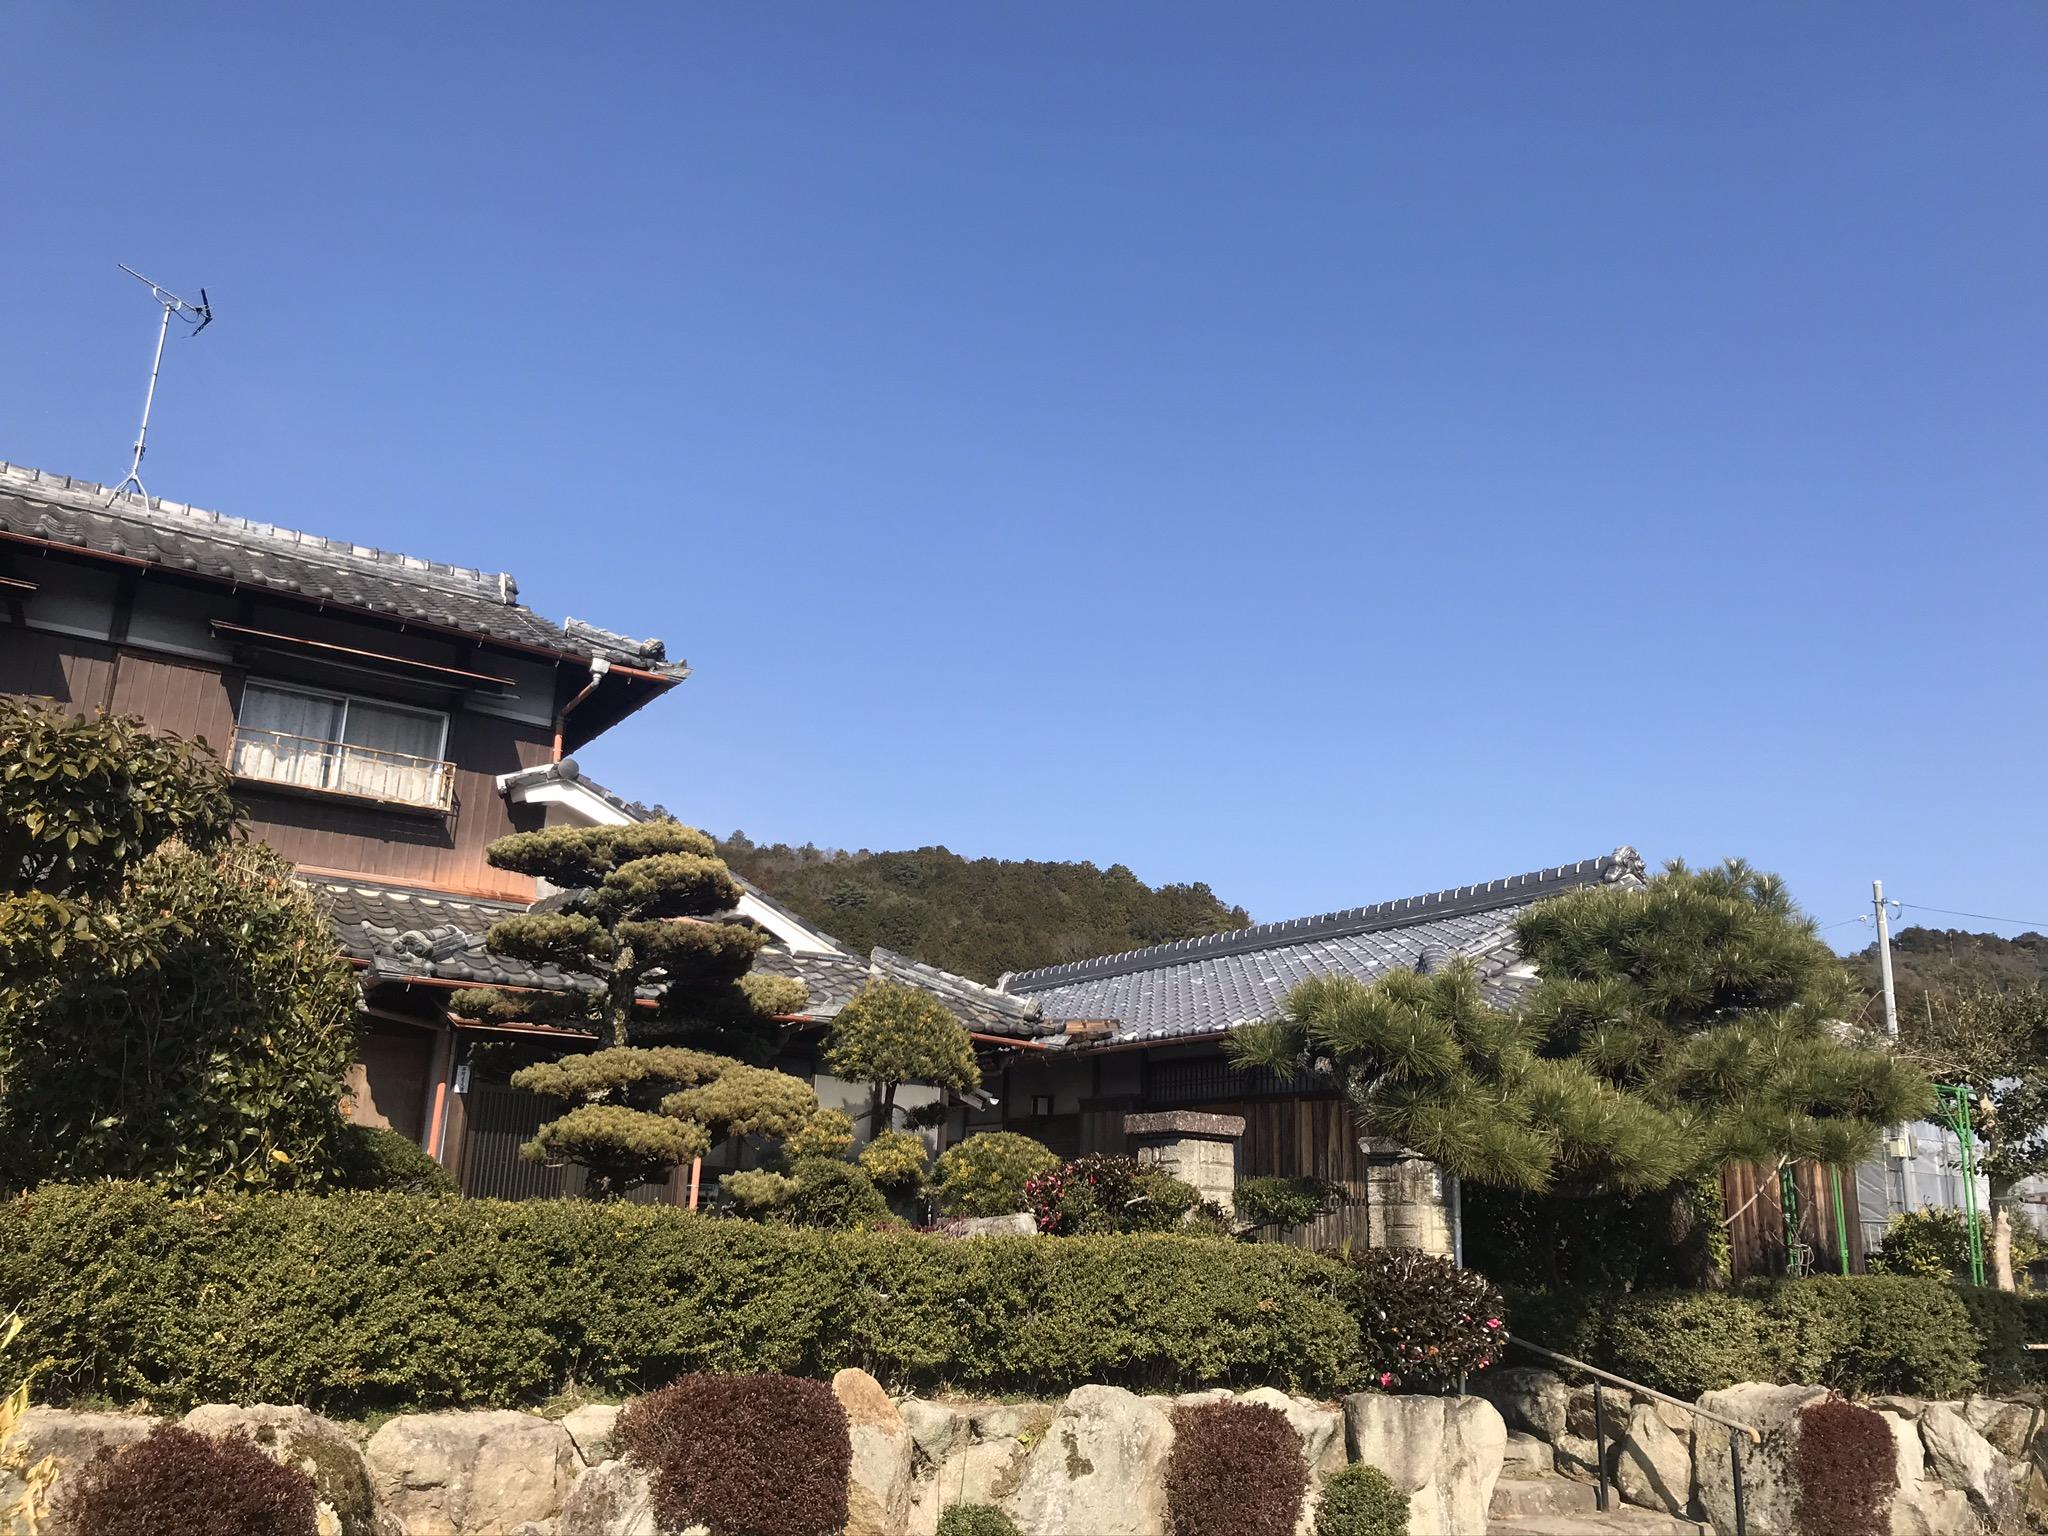 里山の寺子屋/Satoyama close to the city, the convenient place has plenty of nature.